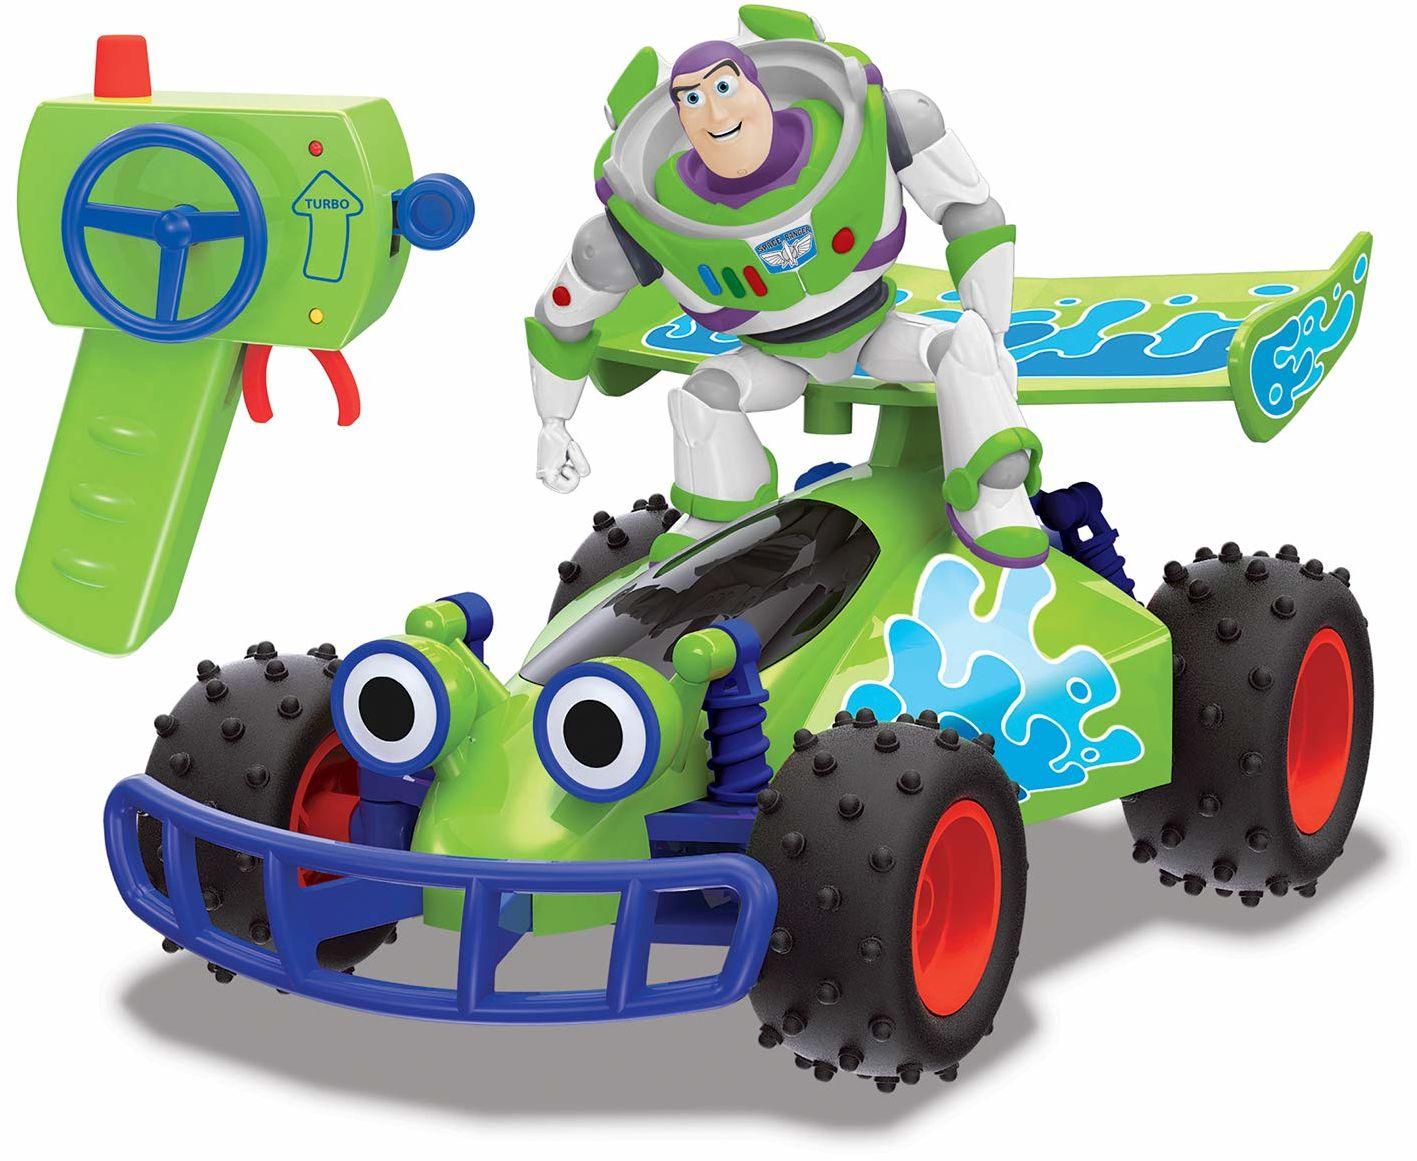 Dickie Toys RC Toy Story Buggy with Buzz, zdalnie sterowana zabawka Toy Story 4, pojazd zabawkowy z sterowaniem radiowym, dla dzieci od 4 lat